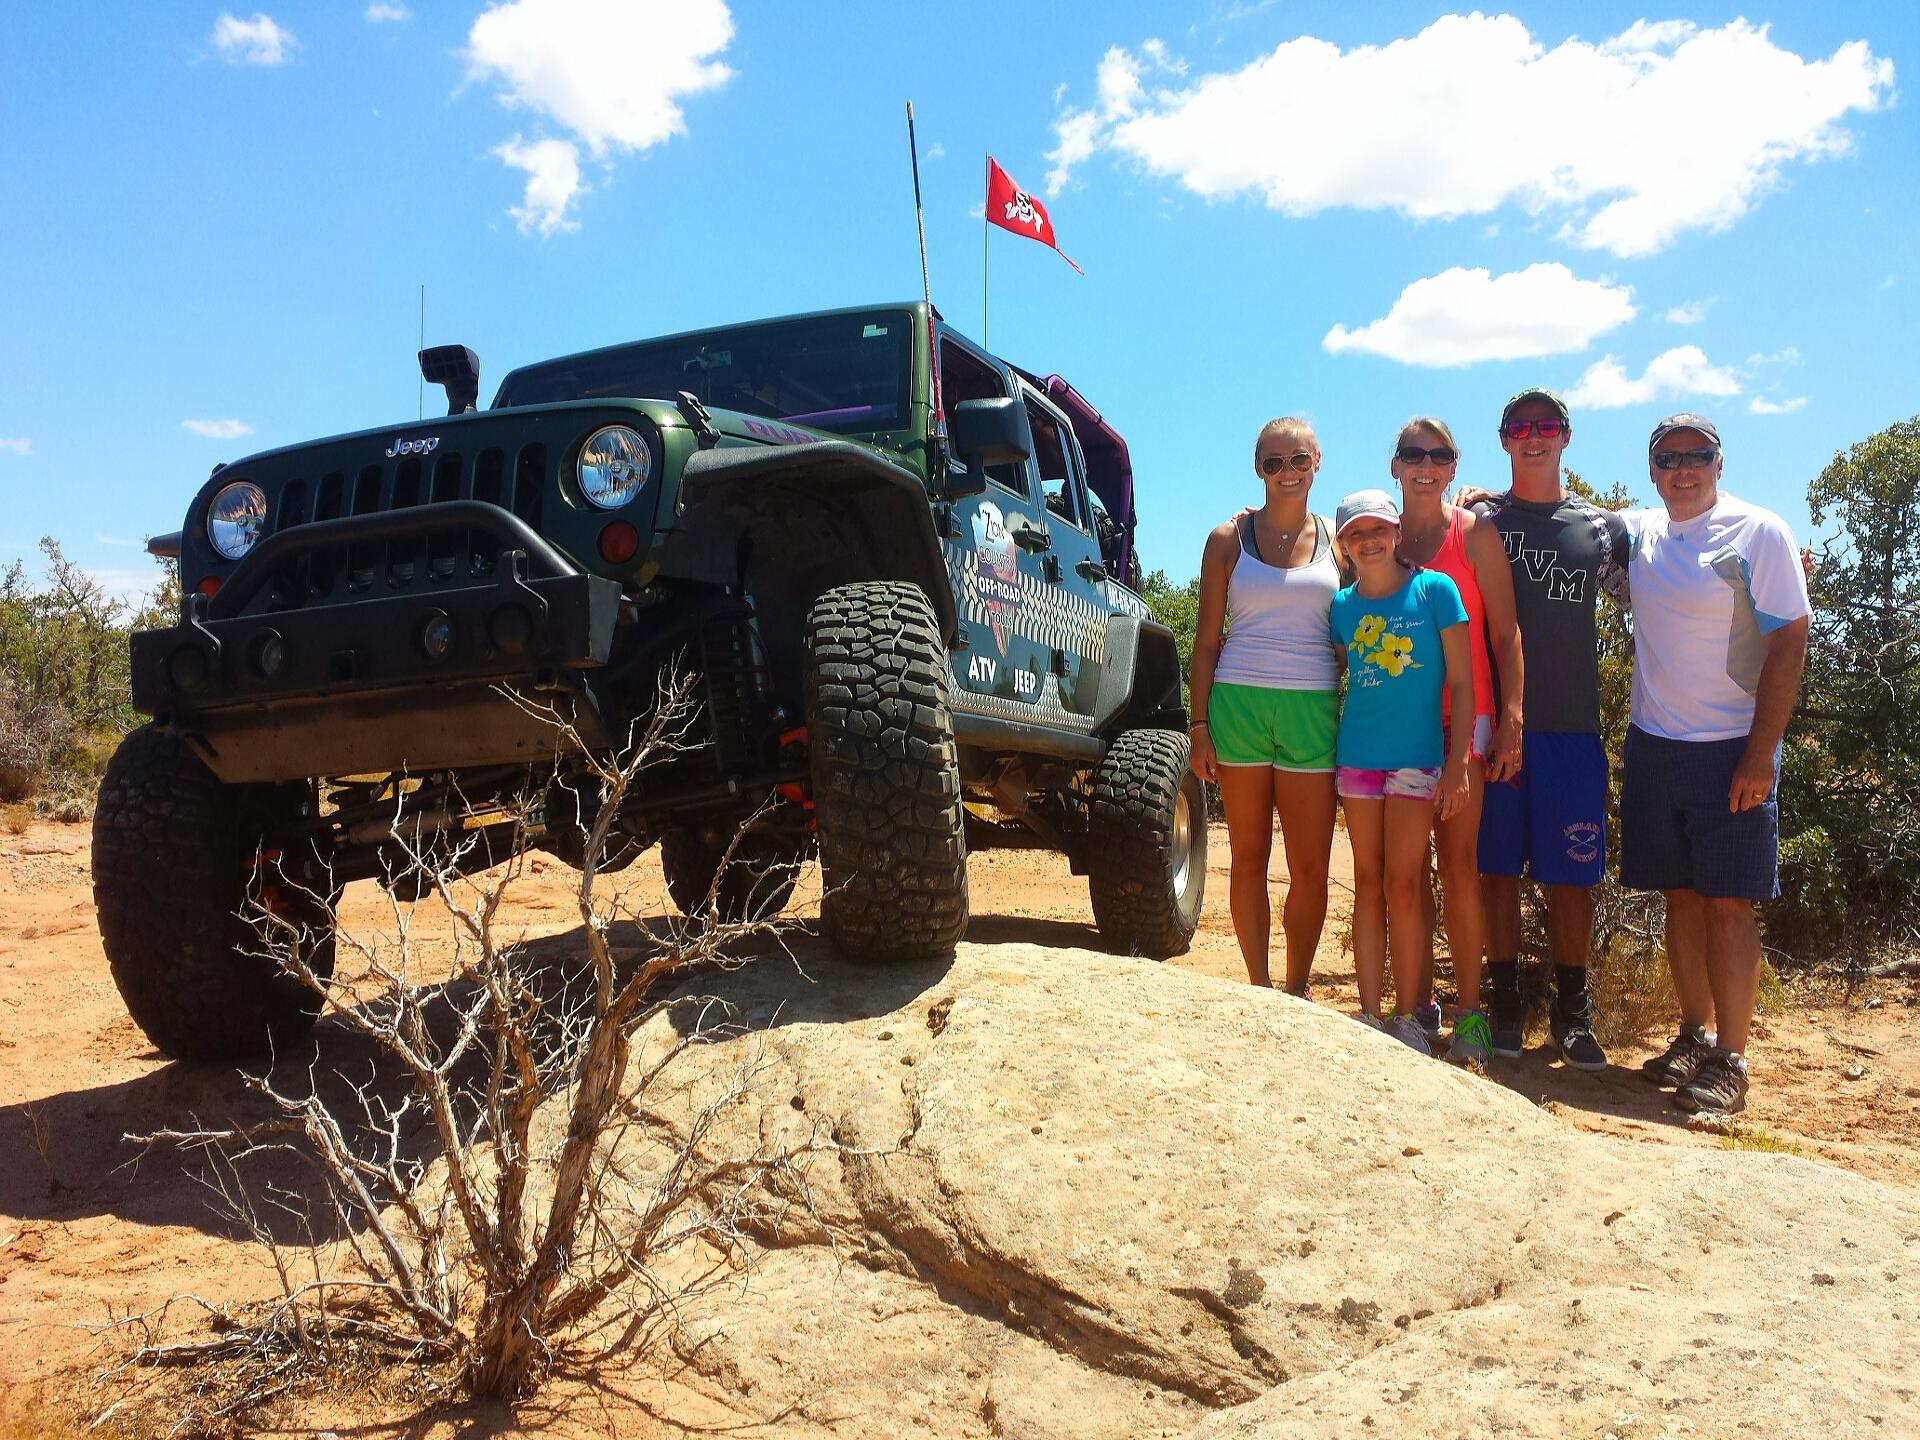 Zion Jeep Tour